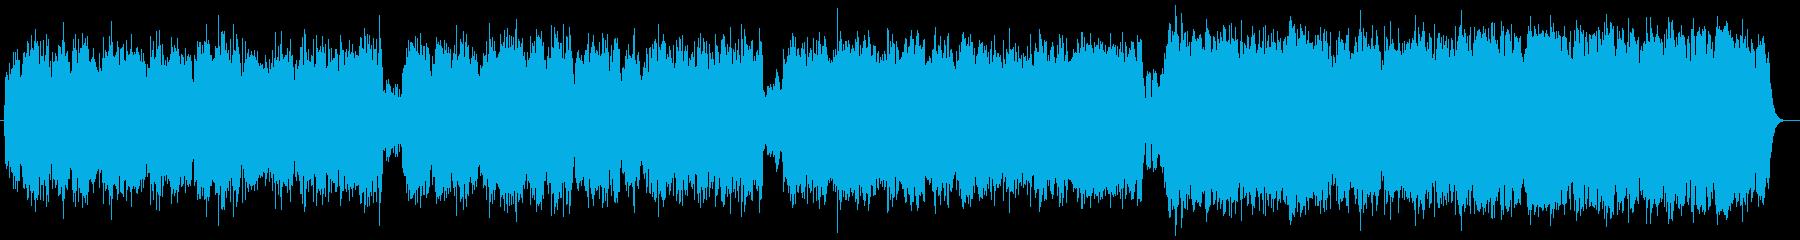 ゆったりとしたバラードポップスの再生済みの波形